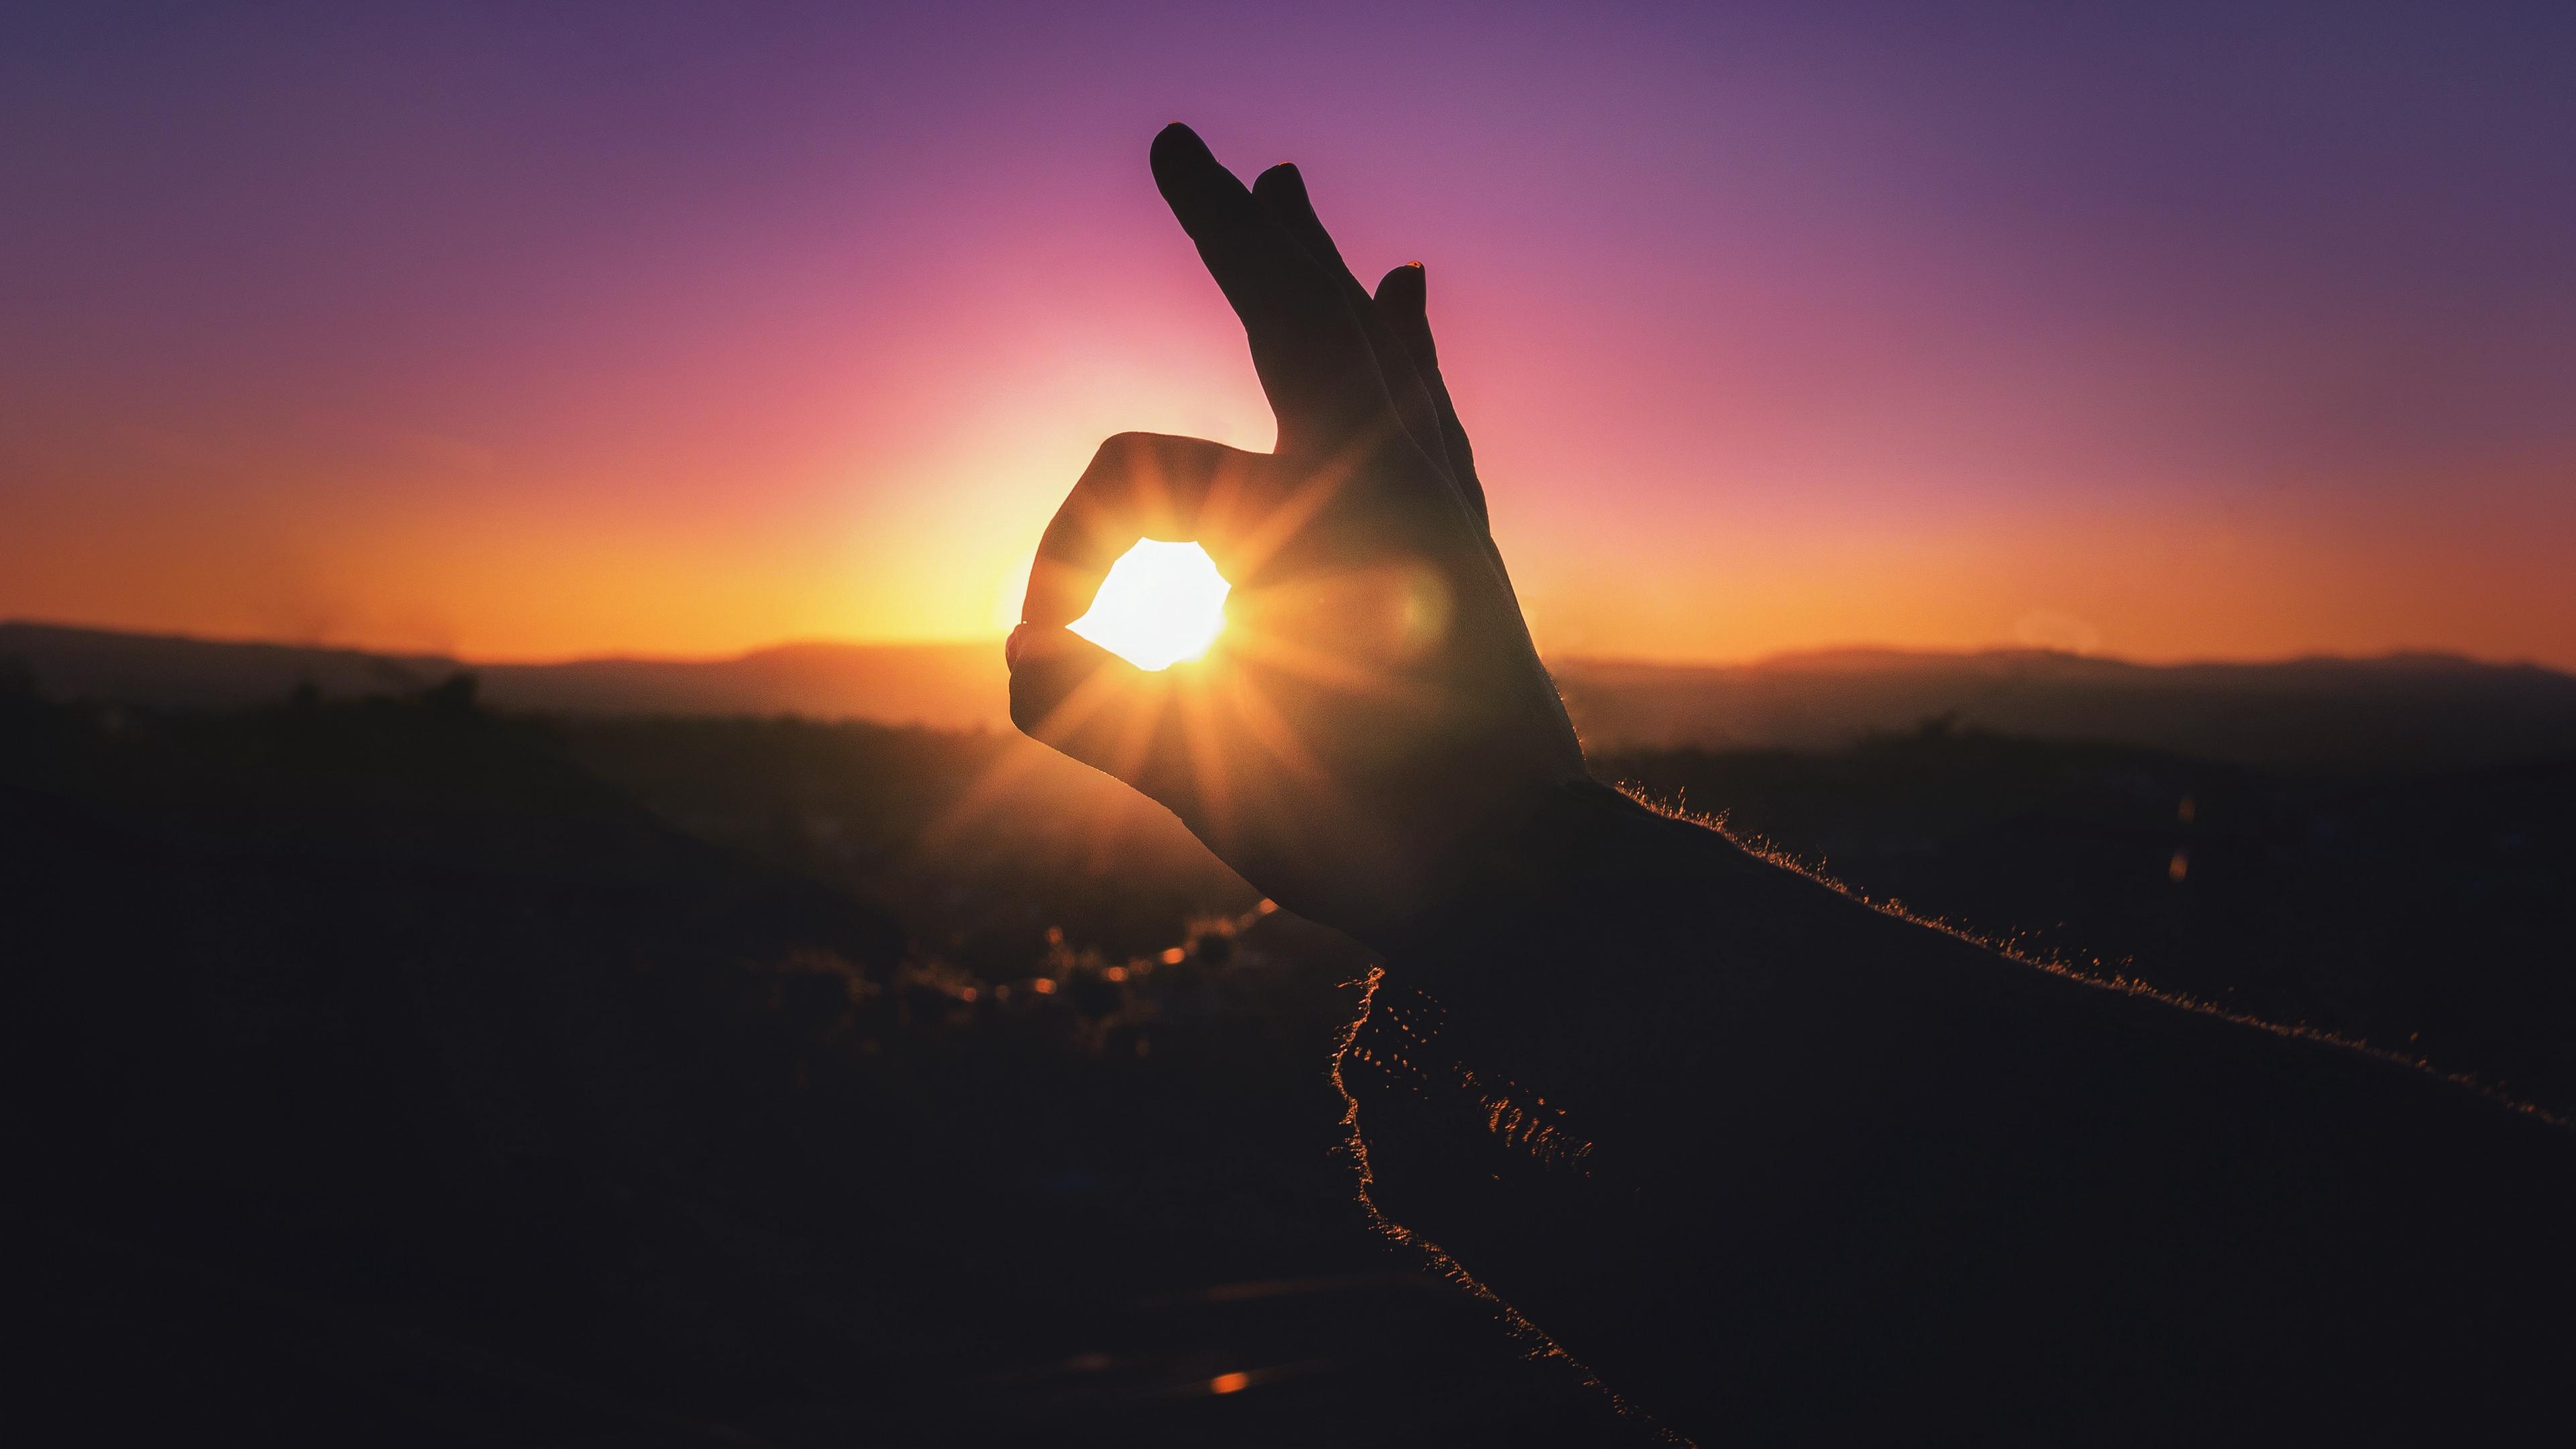 hand light fingers sunset 4k 1540575122 - hand, light, fingers, sunset 4k - Light, hand, Fingers